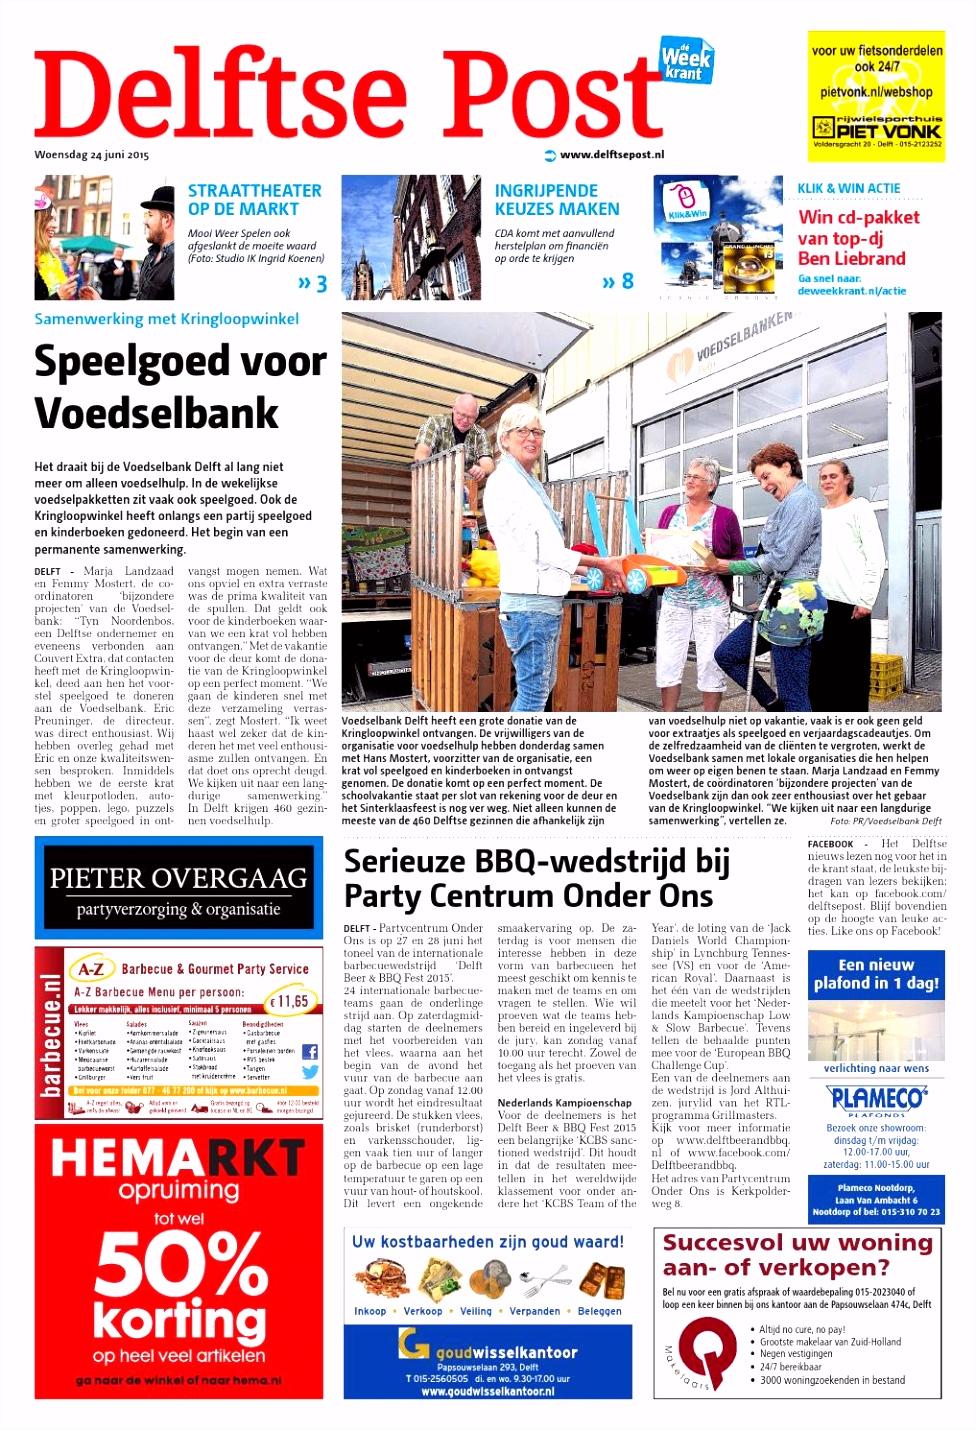 Delftse Post week26 by Wegener issuu